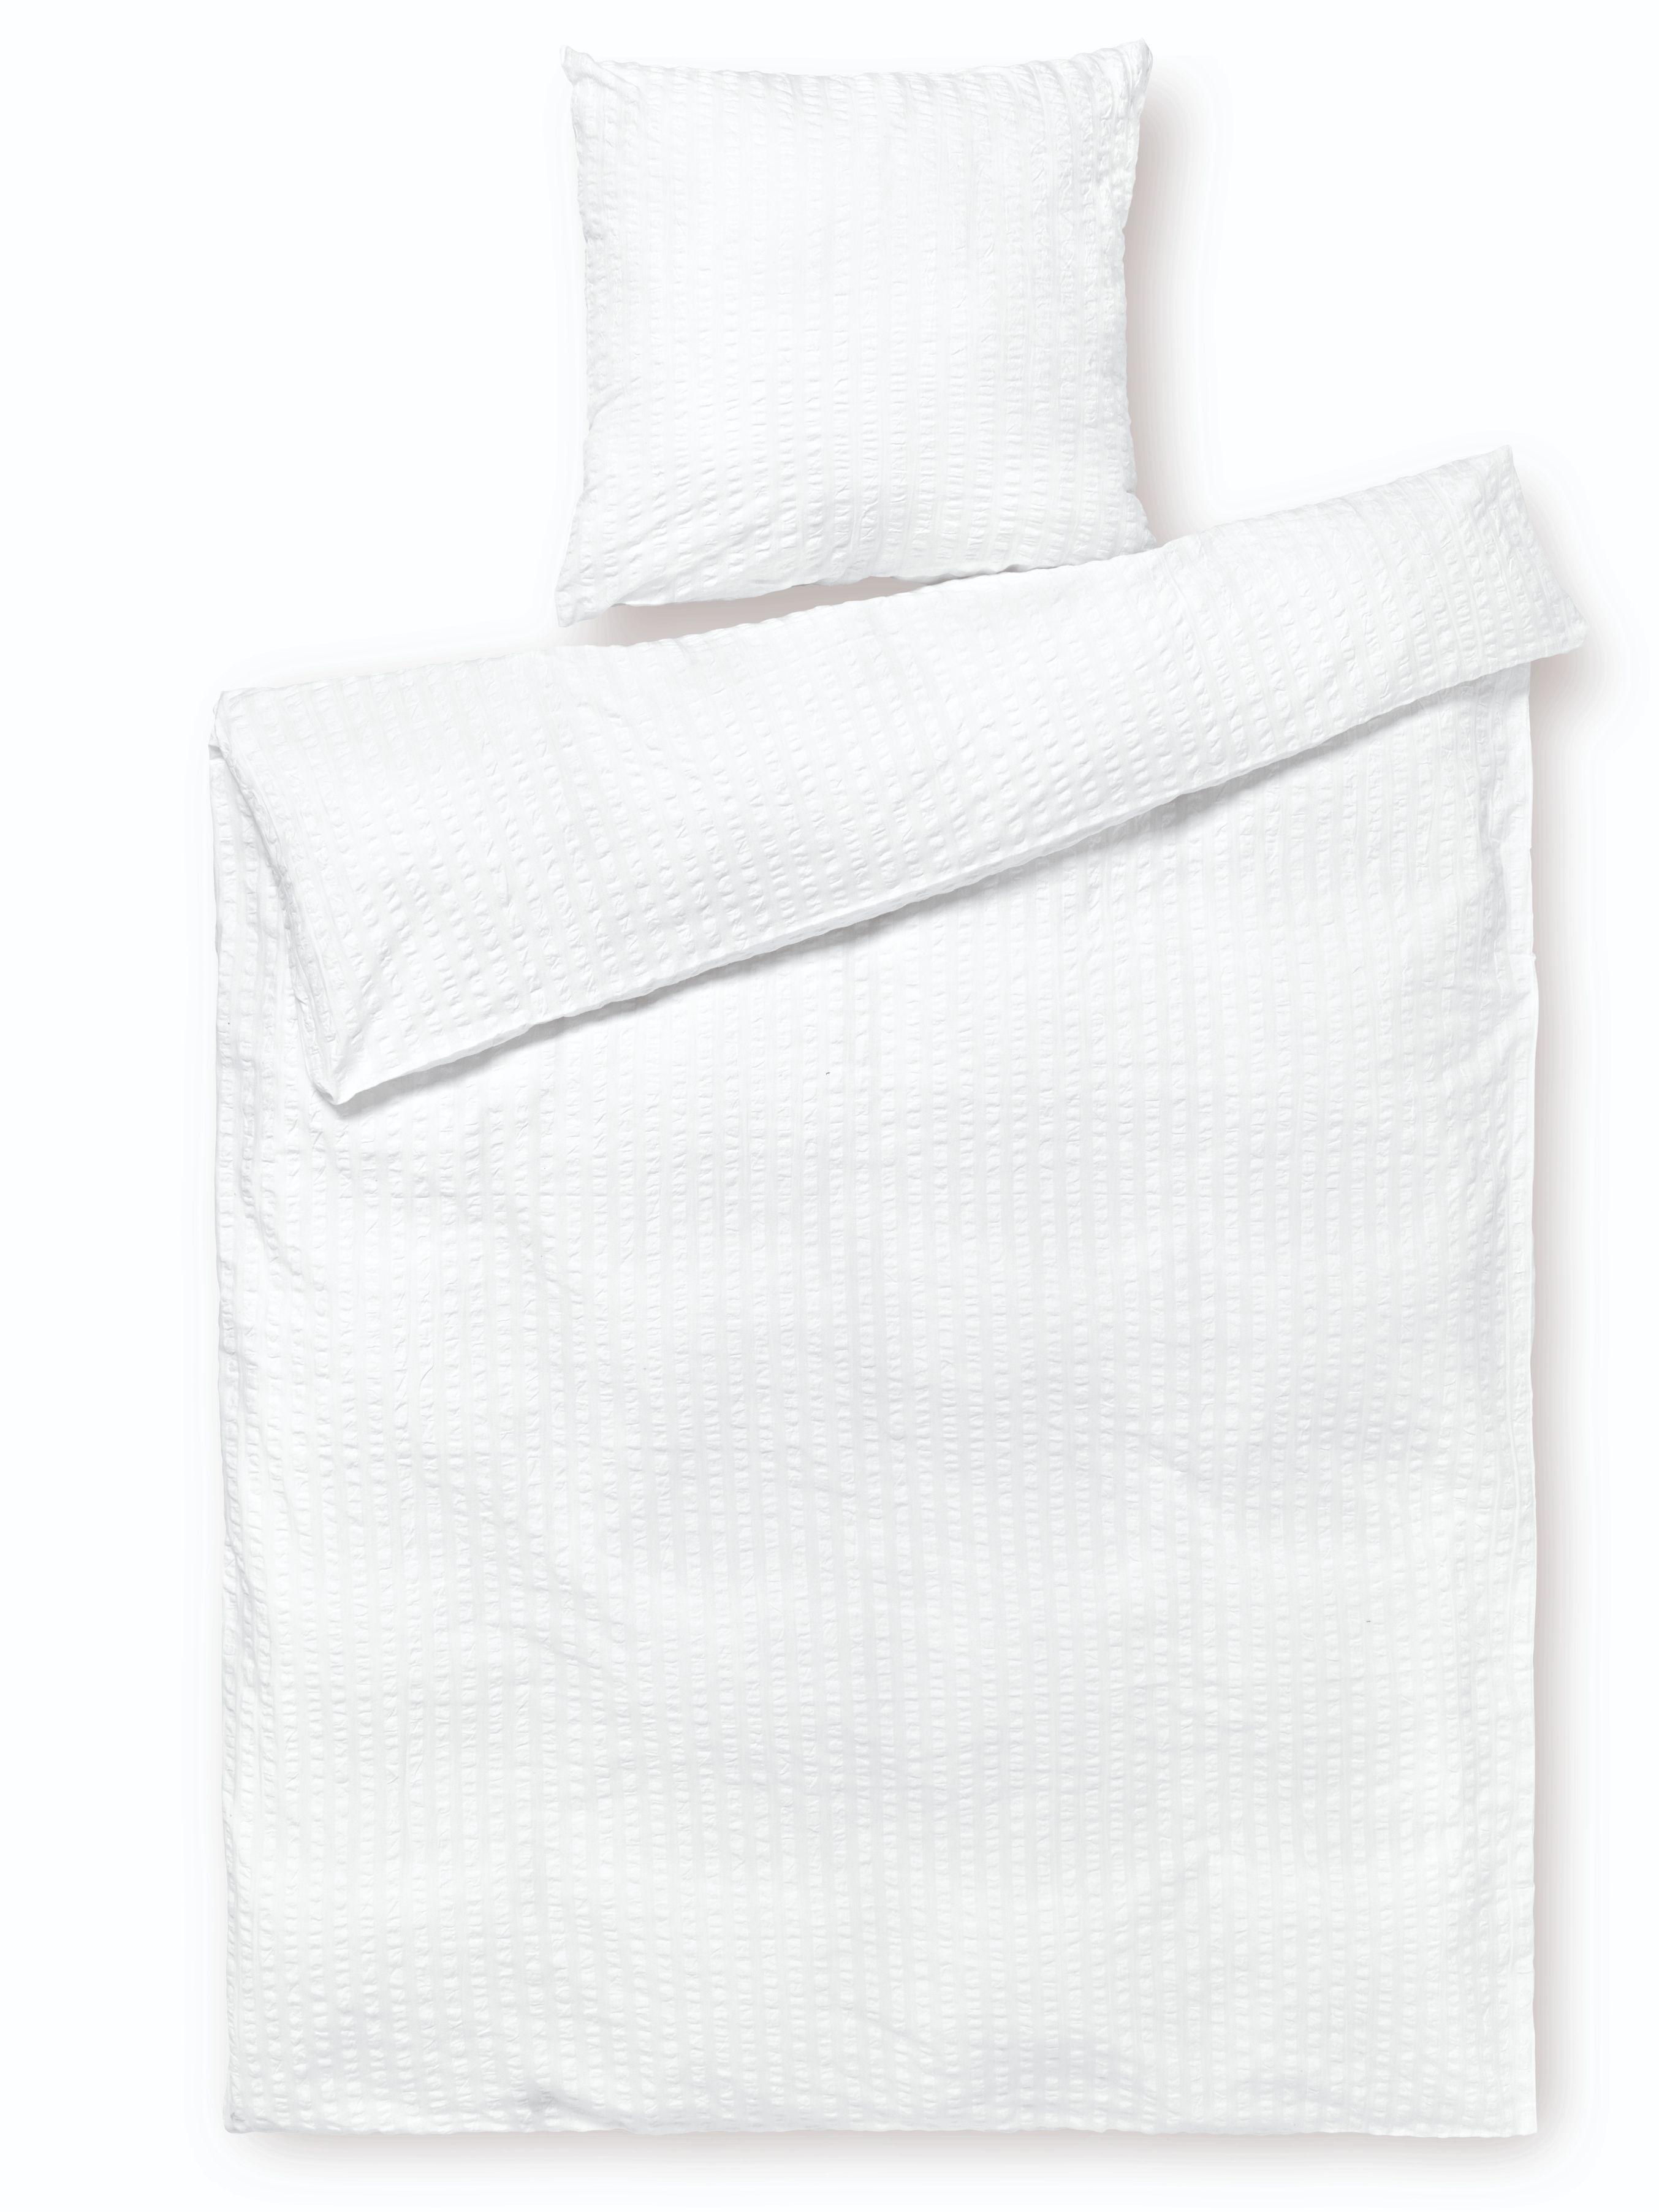 Juna Bæk&Bølge sengelinned, 140x200 cm, hvid